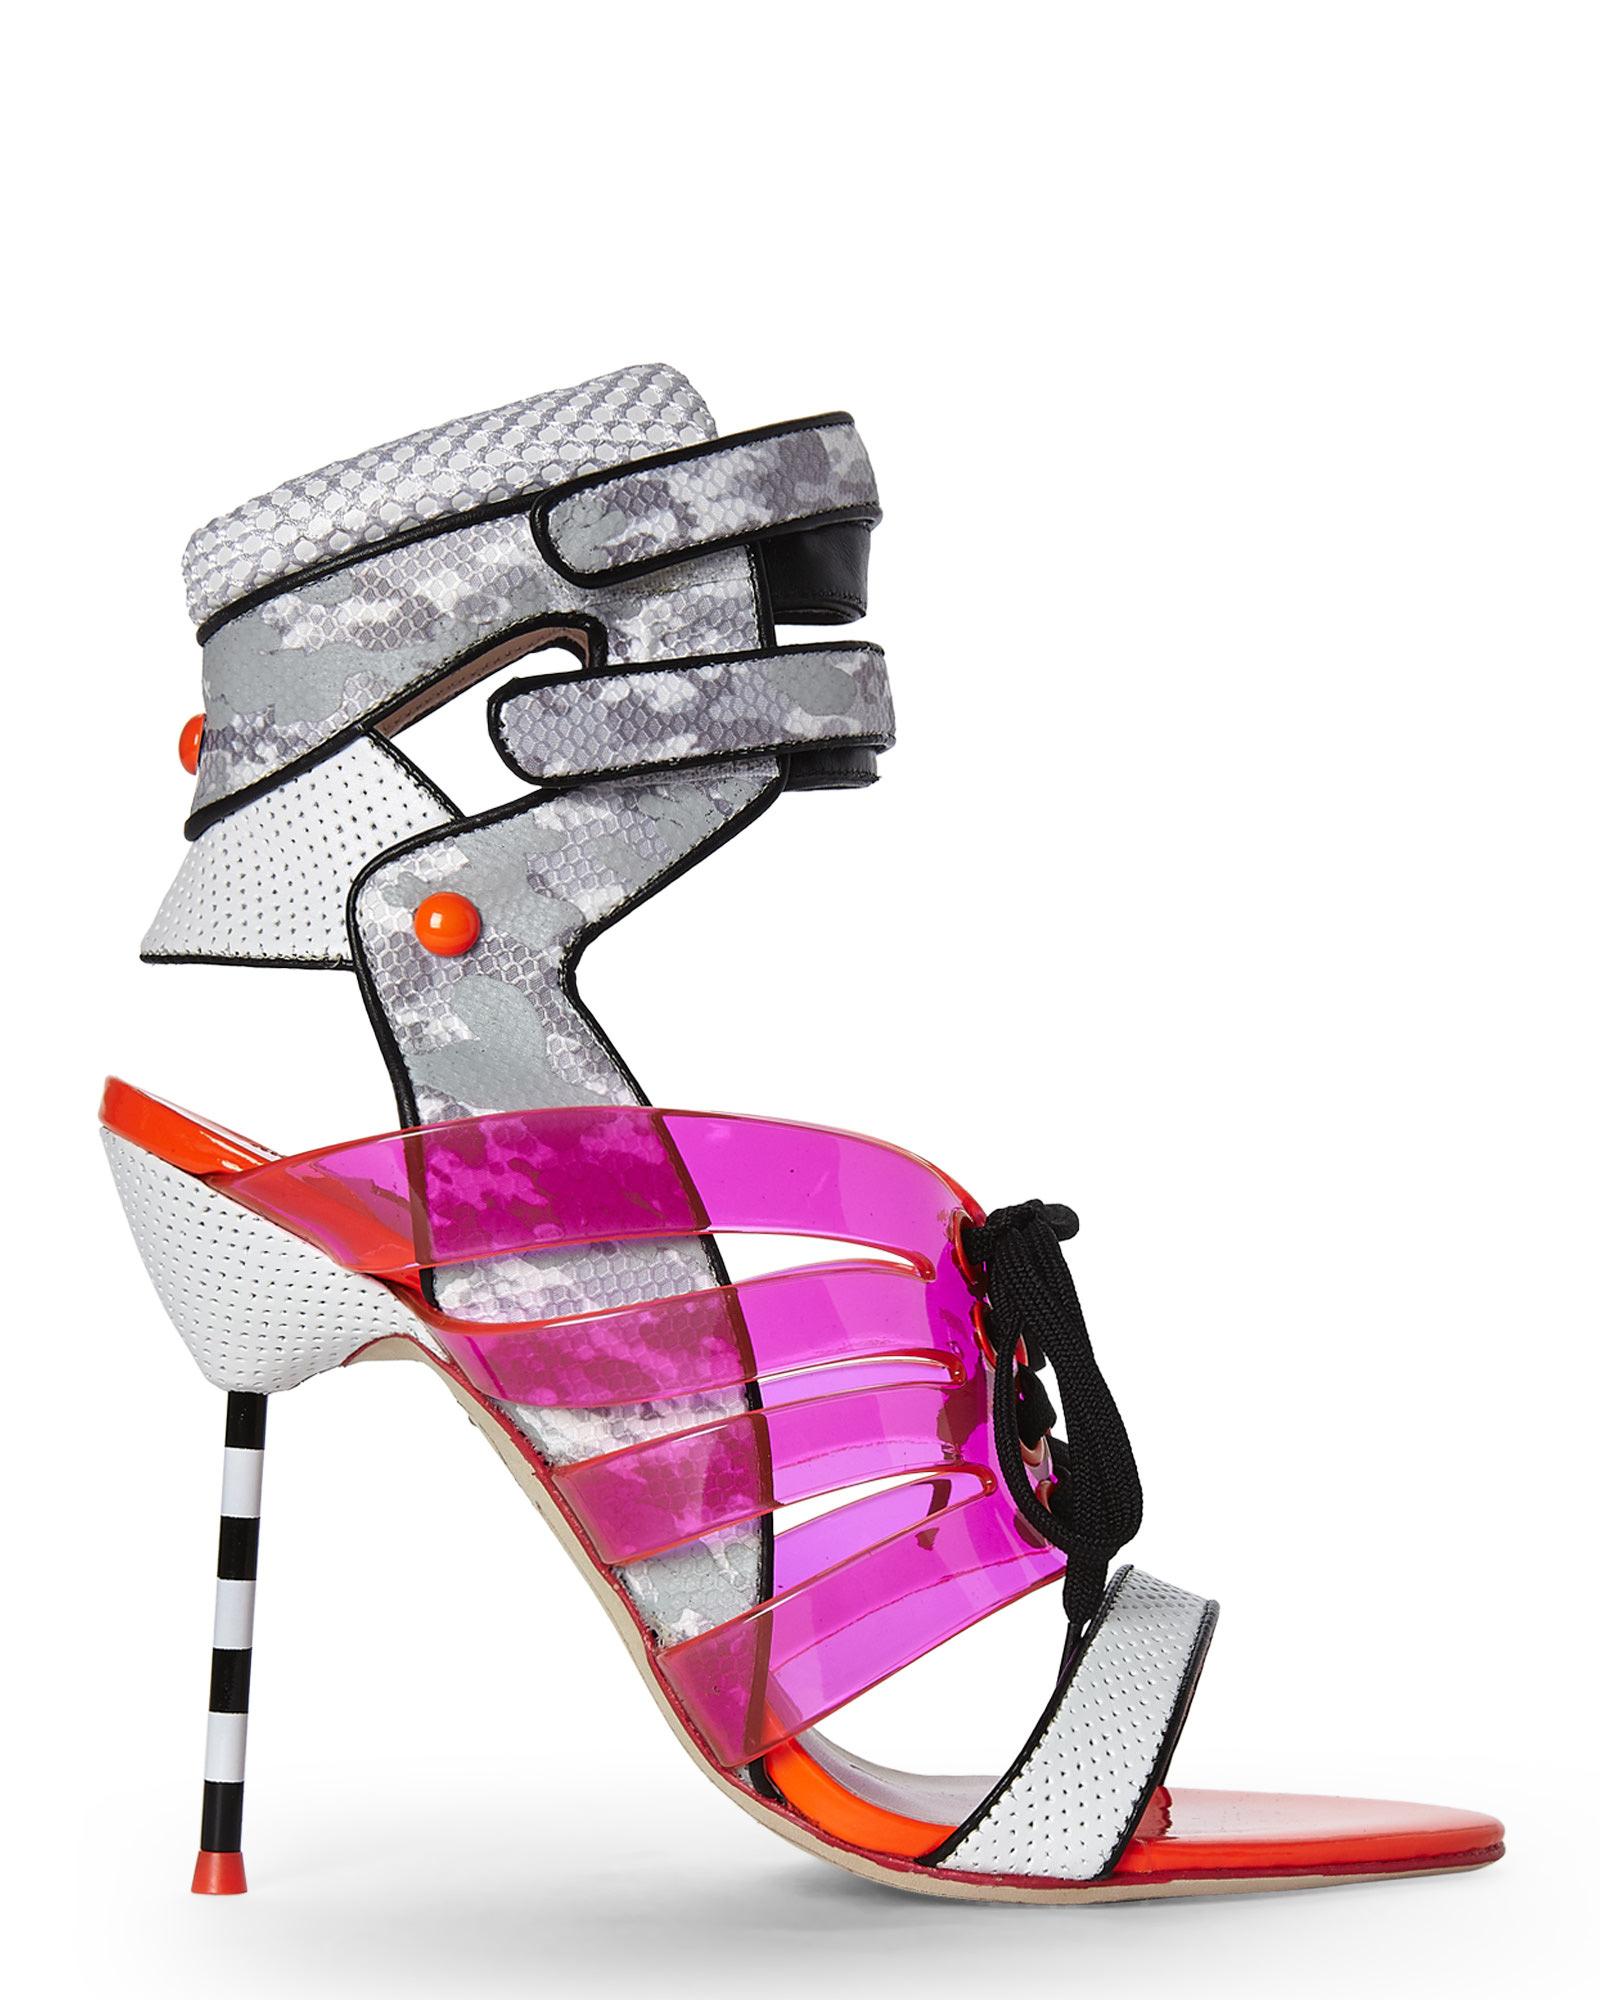 76a8214fdf64 Lyst - Sophia Webster Jourdan Jelly Lace-up Sandal in Gray